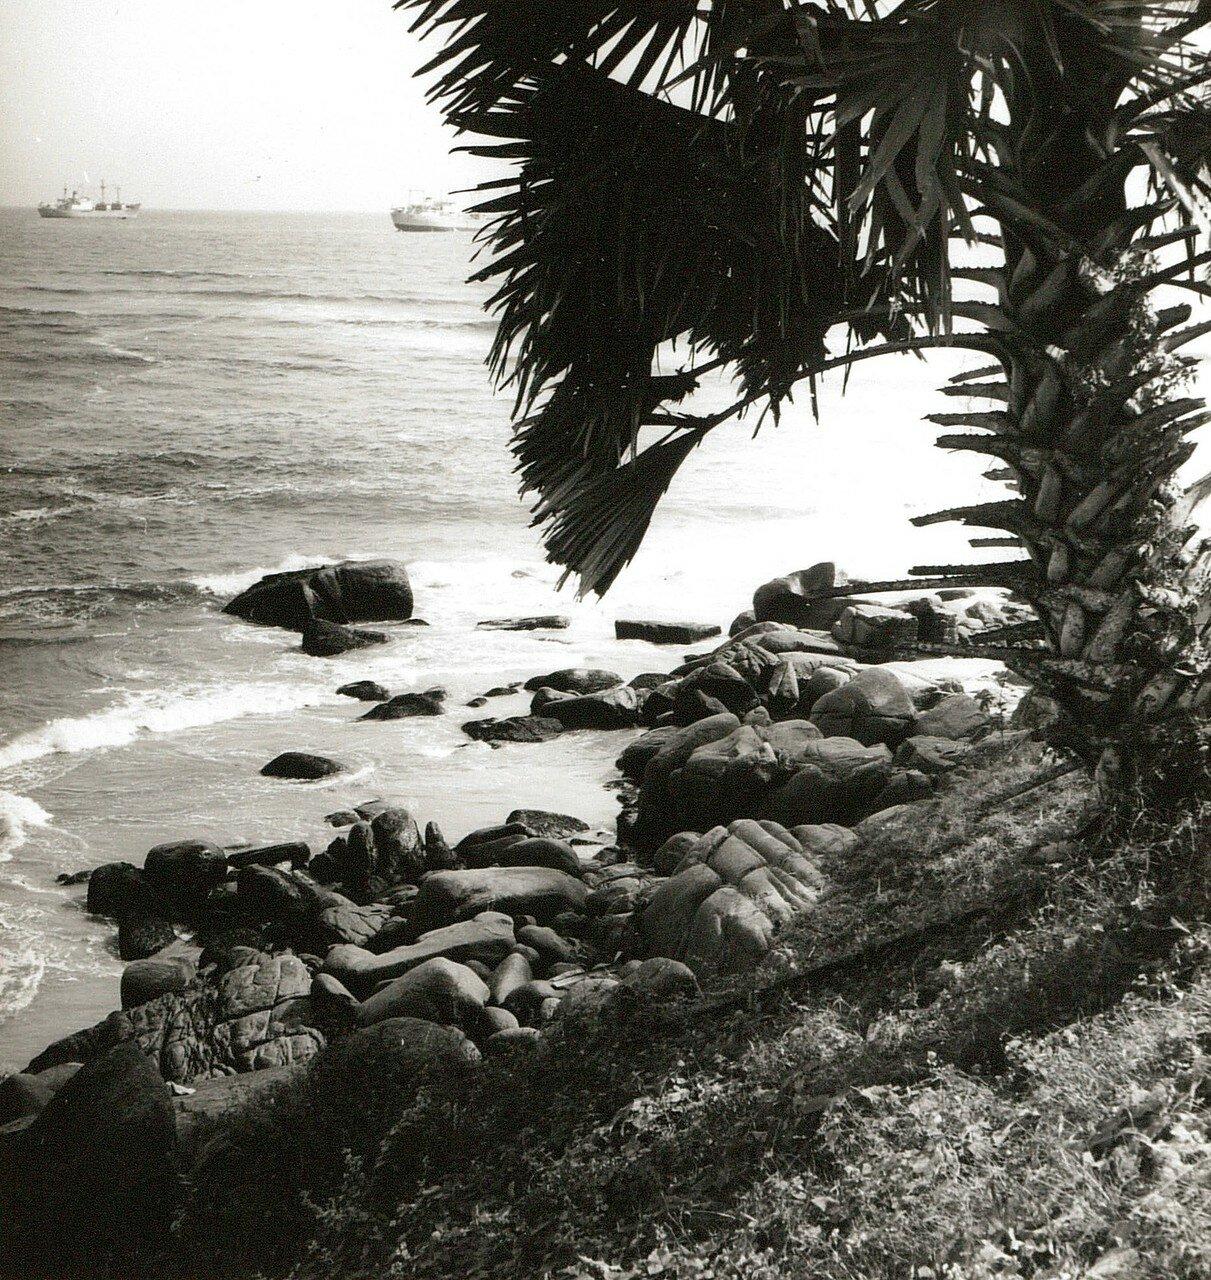 Гвинейский залив. Скалистый берег с пальмами